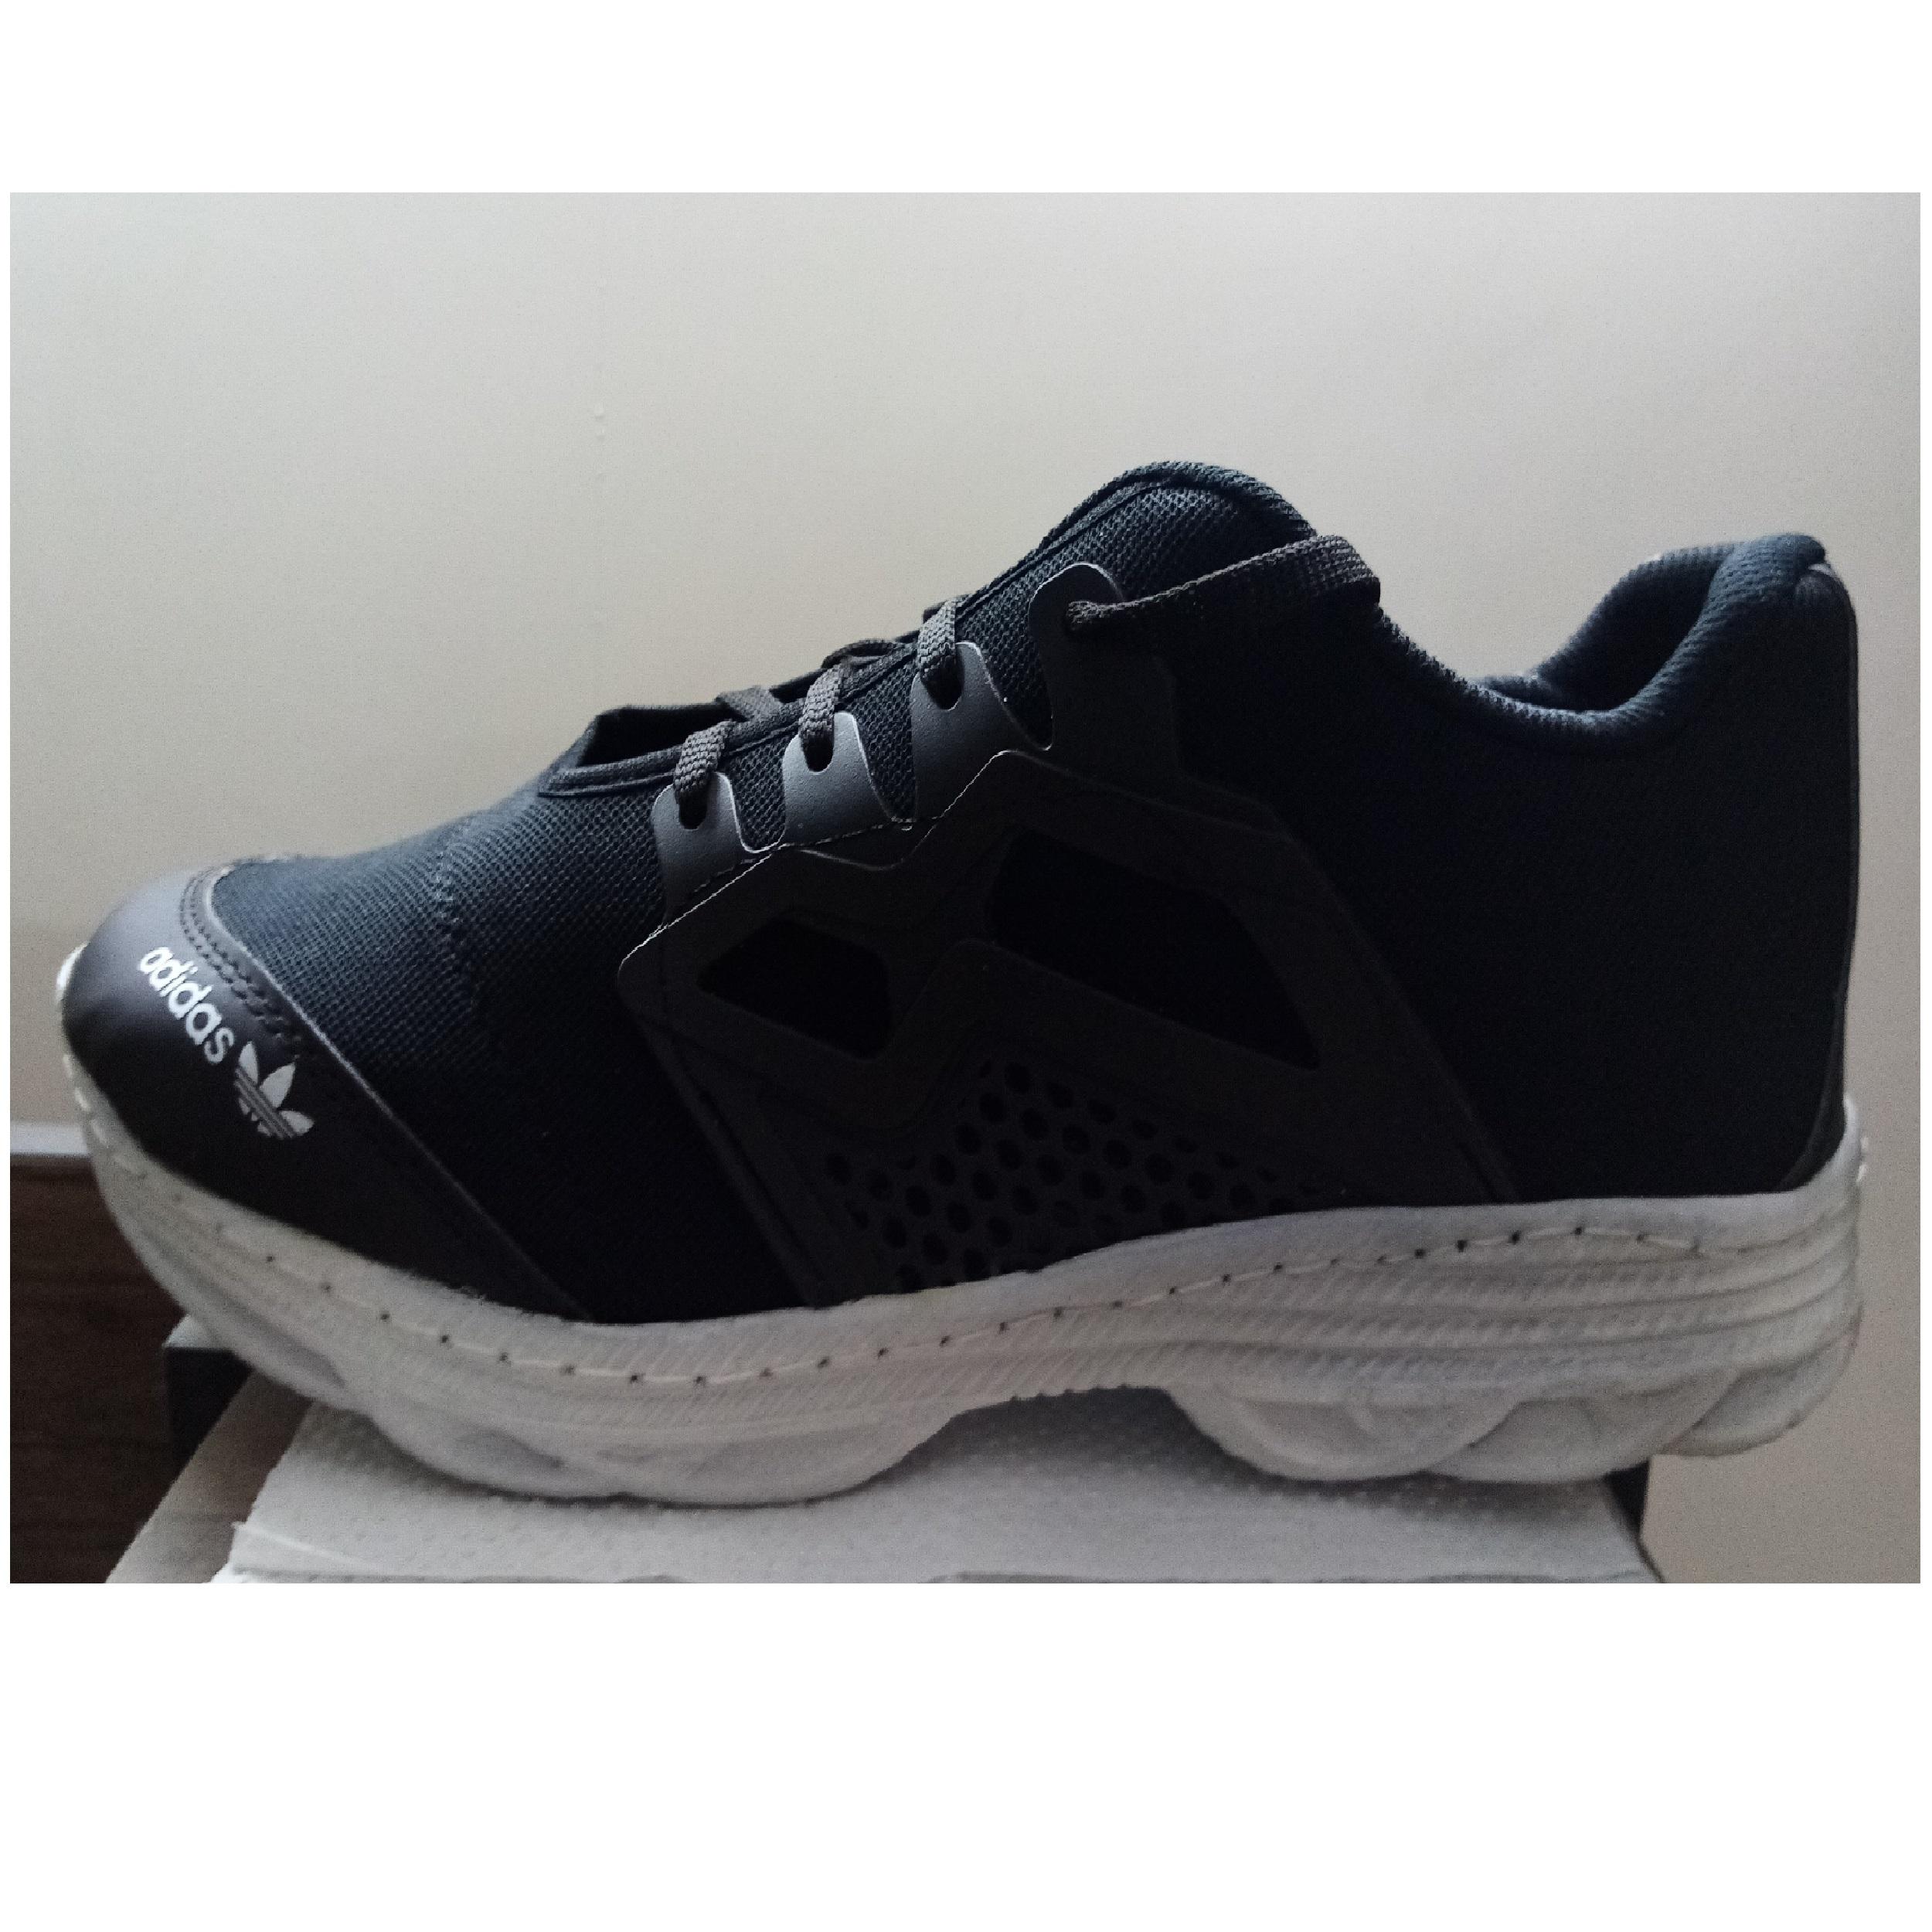 کفش مخصوص دویدن مردانهمدل 2928                     غیر اصل